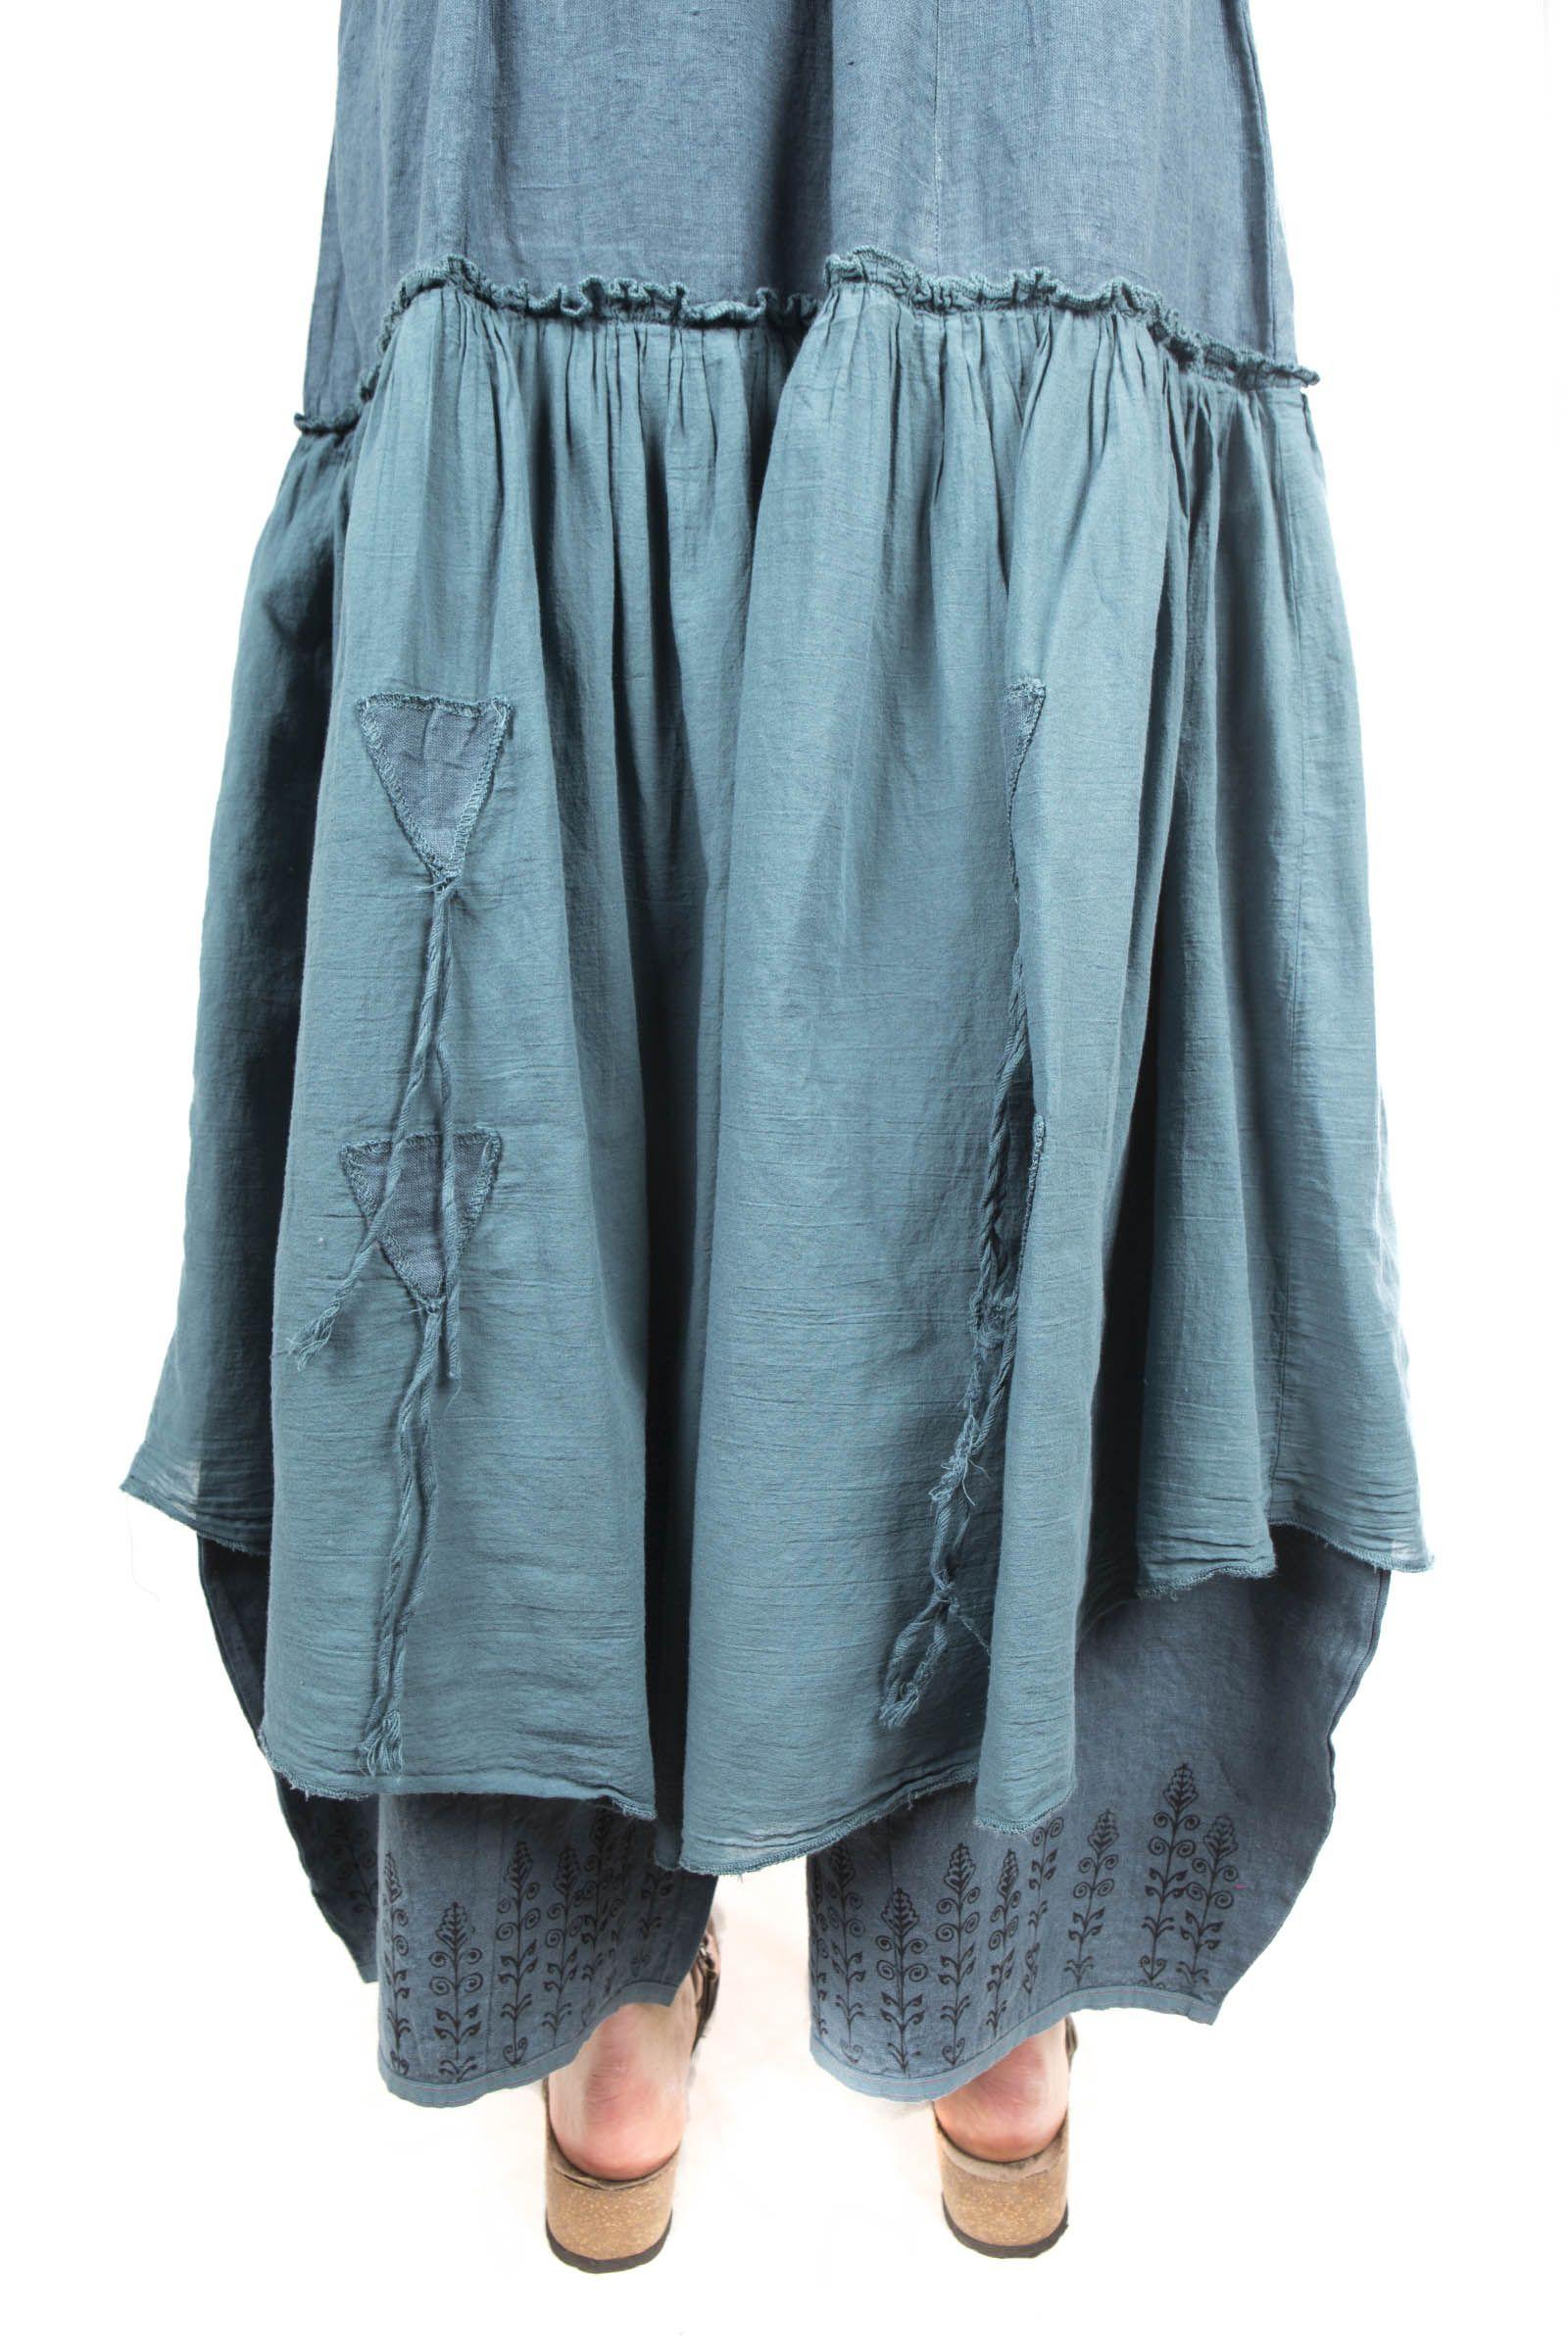 Fusion Skirt Pant Printed-Blue Fish Clothing